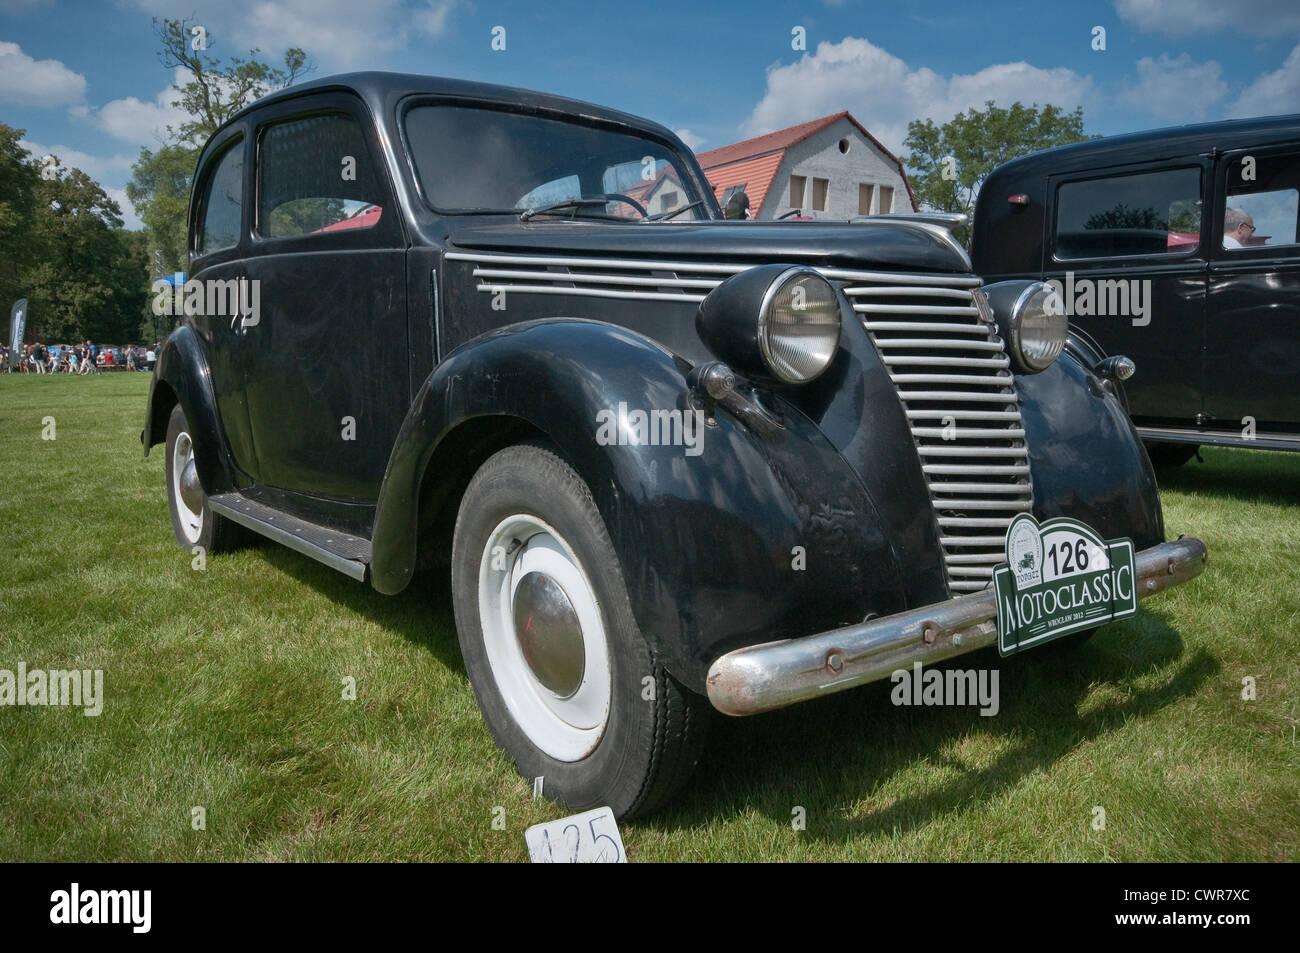 1939 Fiat 1100B at Motoclassic car show at Topacz Castle in Kobierzyce near Wroclaw, Lower Silesia, Poland - Stock Image